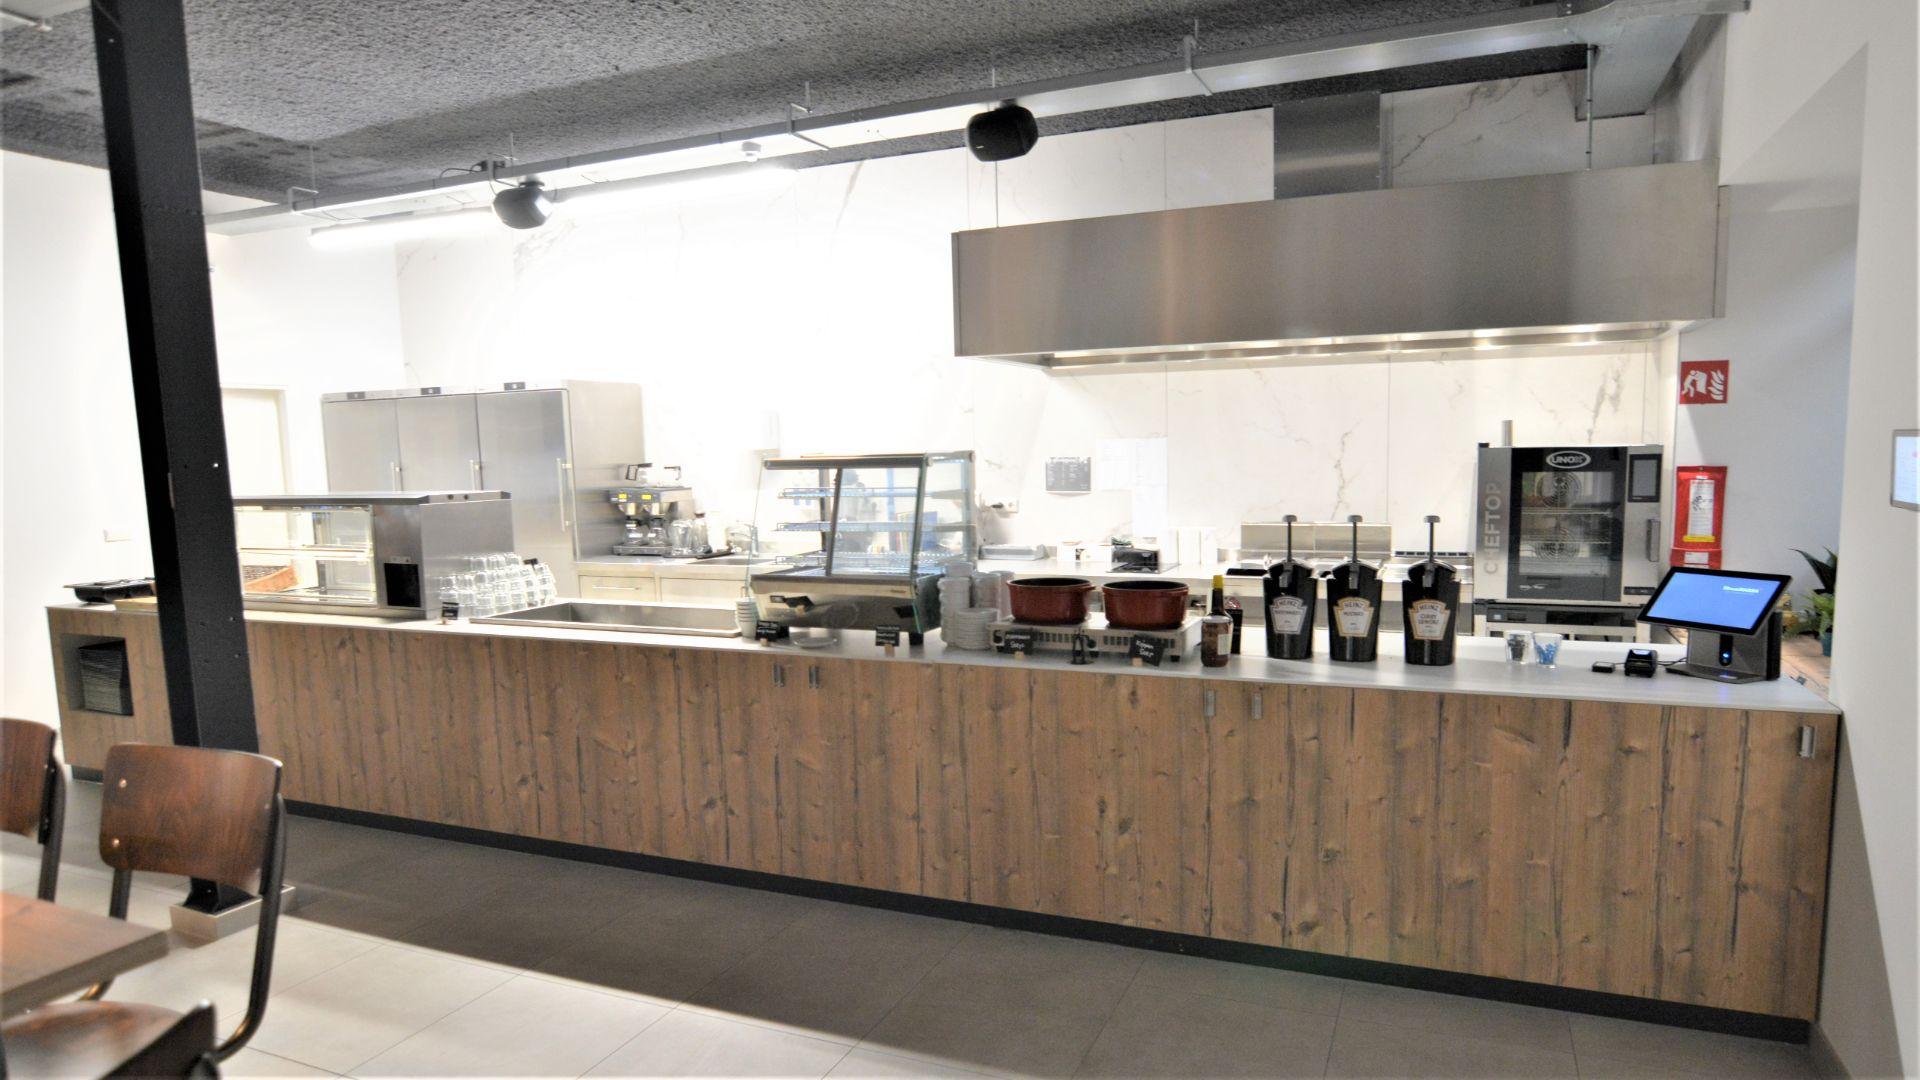 Bedrijfsrestaurant voor Dali de Klok